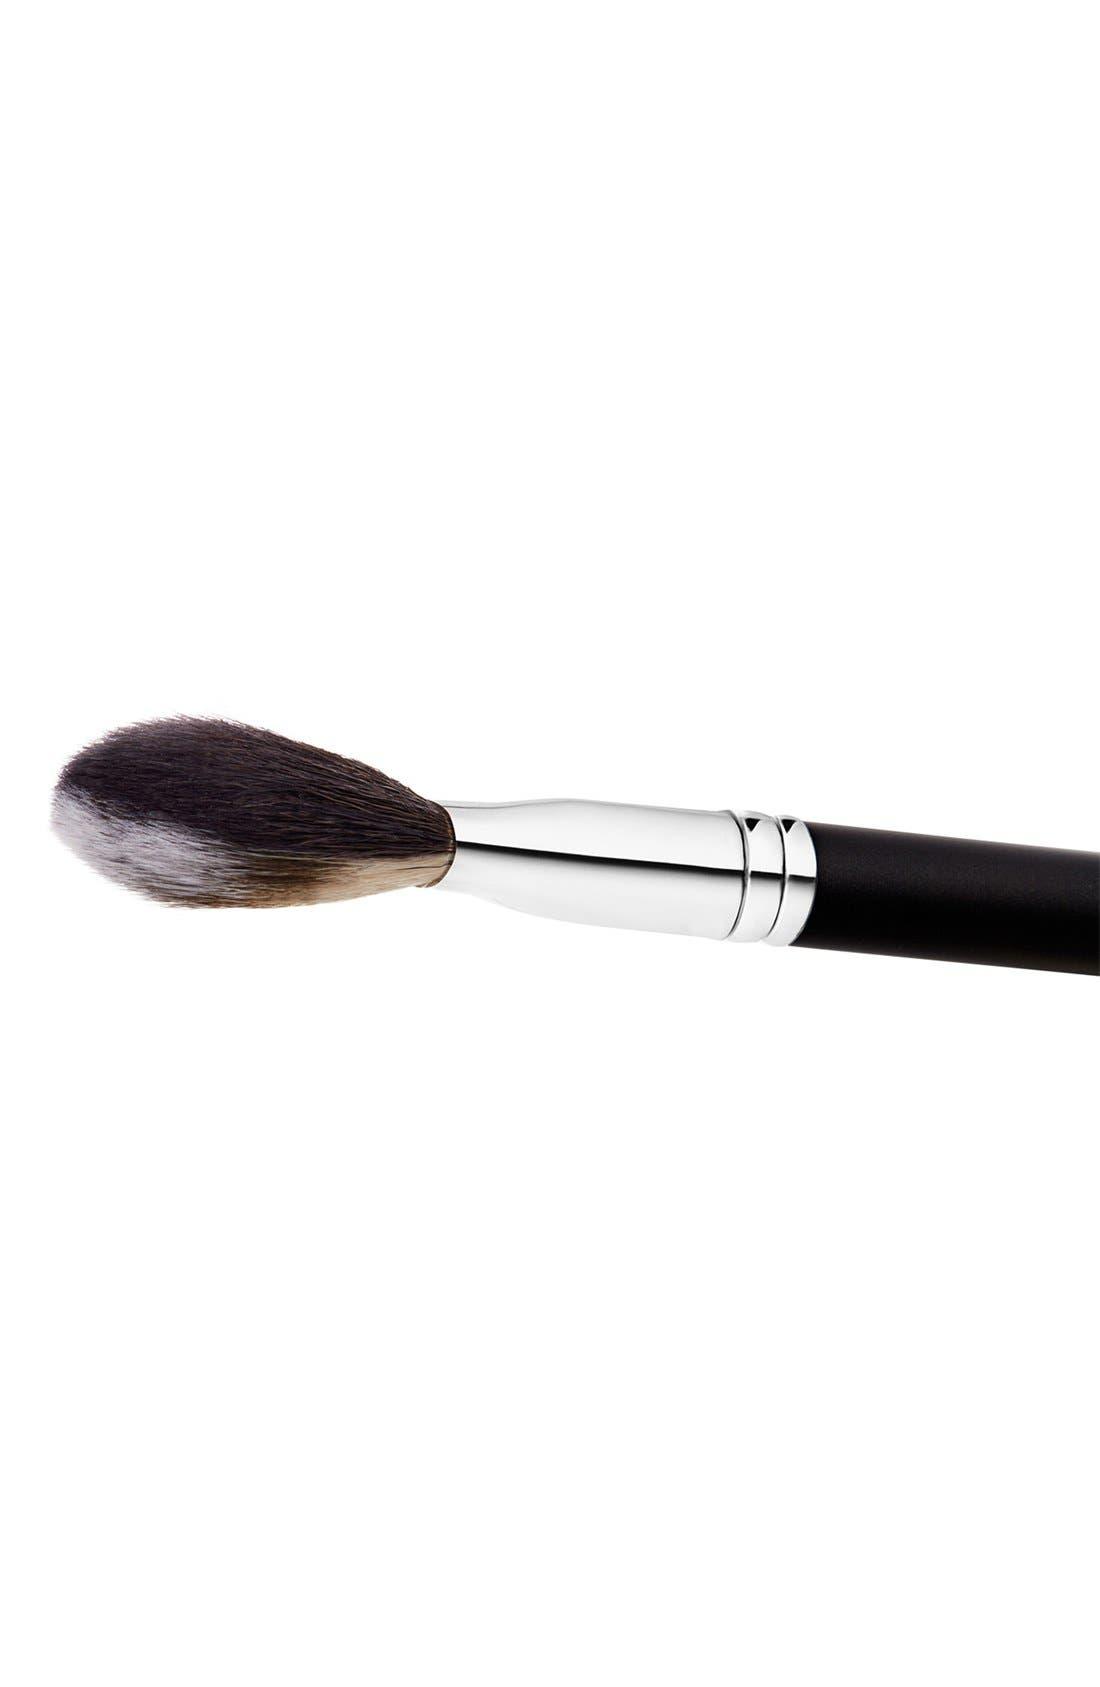 MAC 127 Split Fibre Face Brush,                             Alternate thumbnail 9, color,                             000